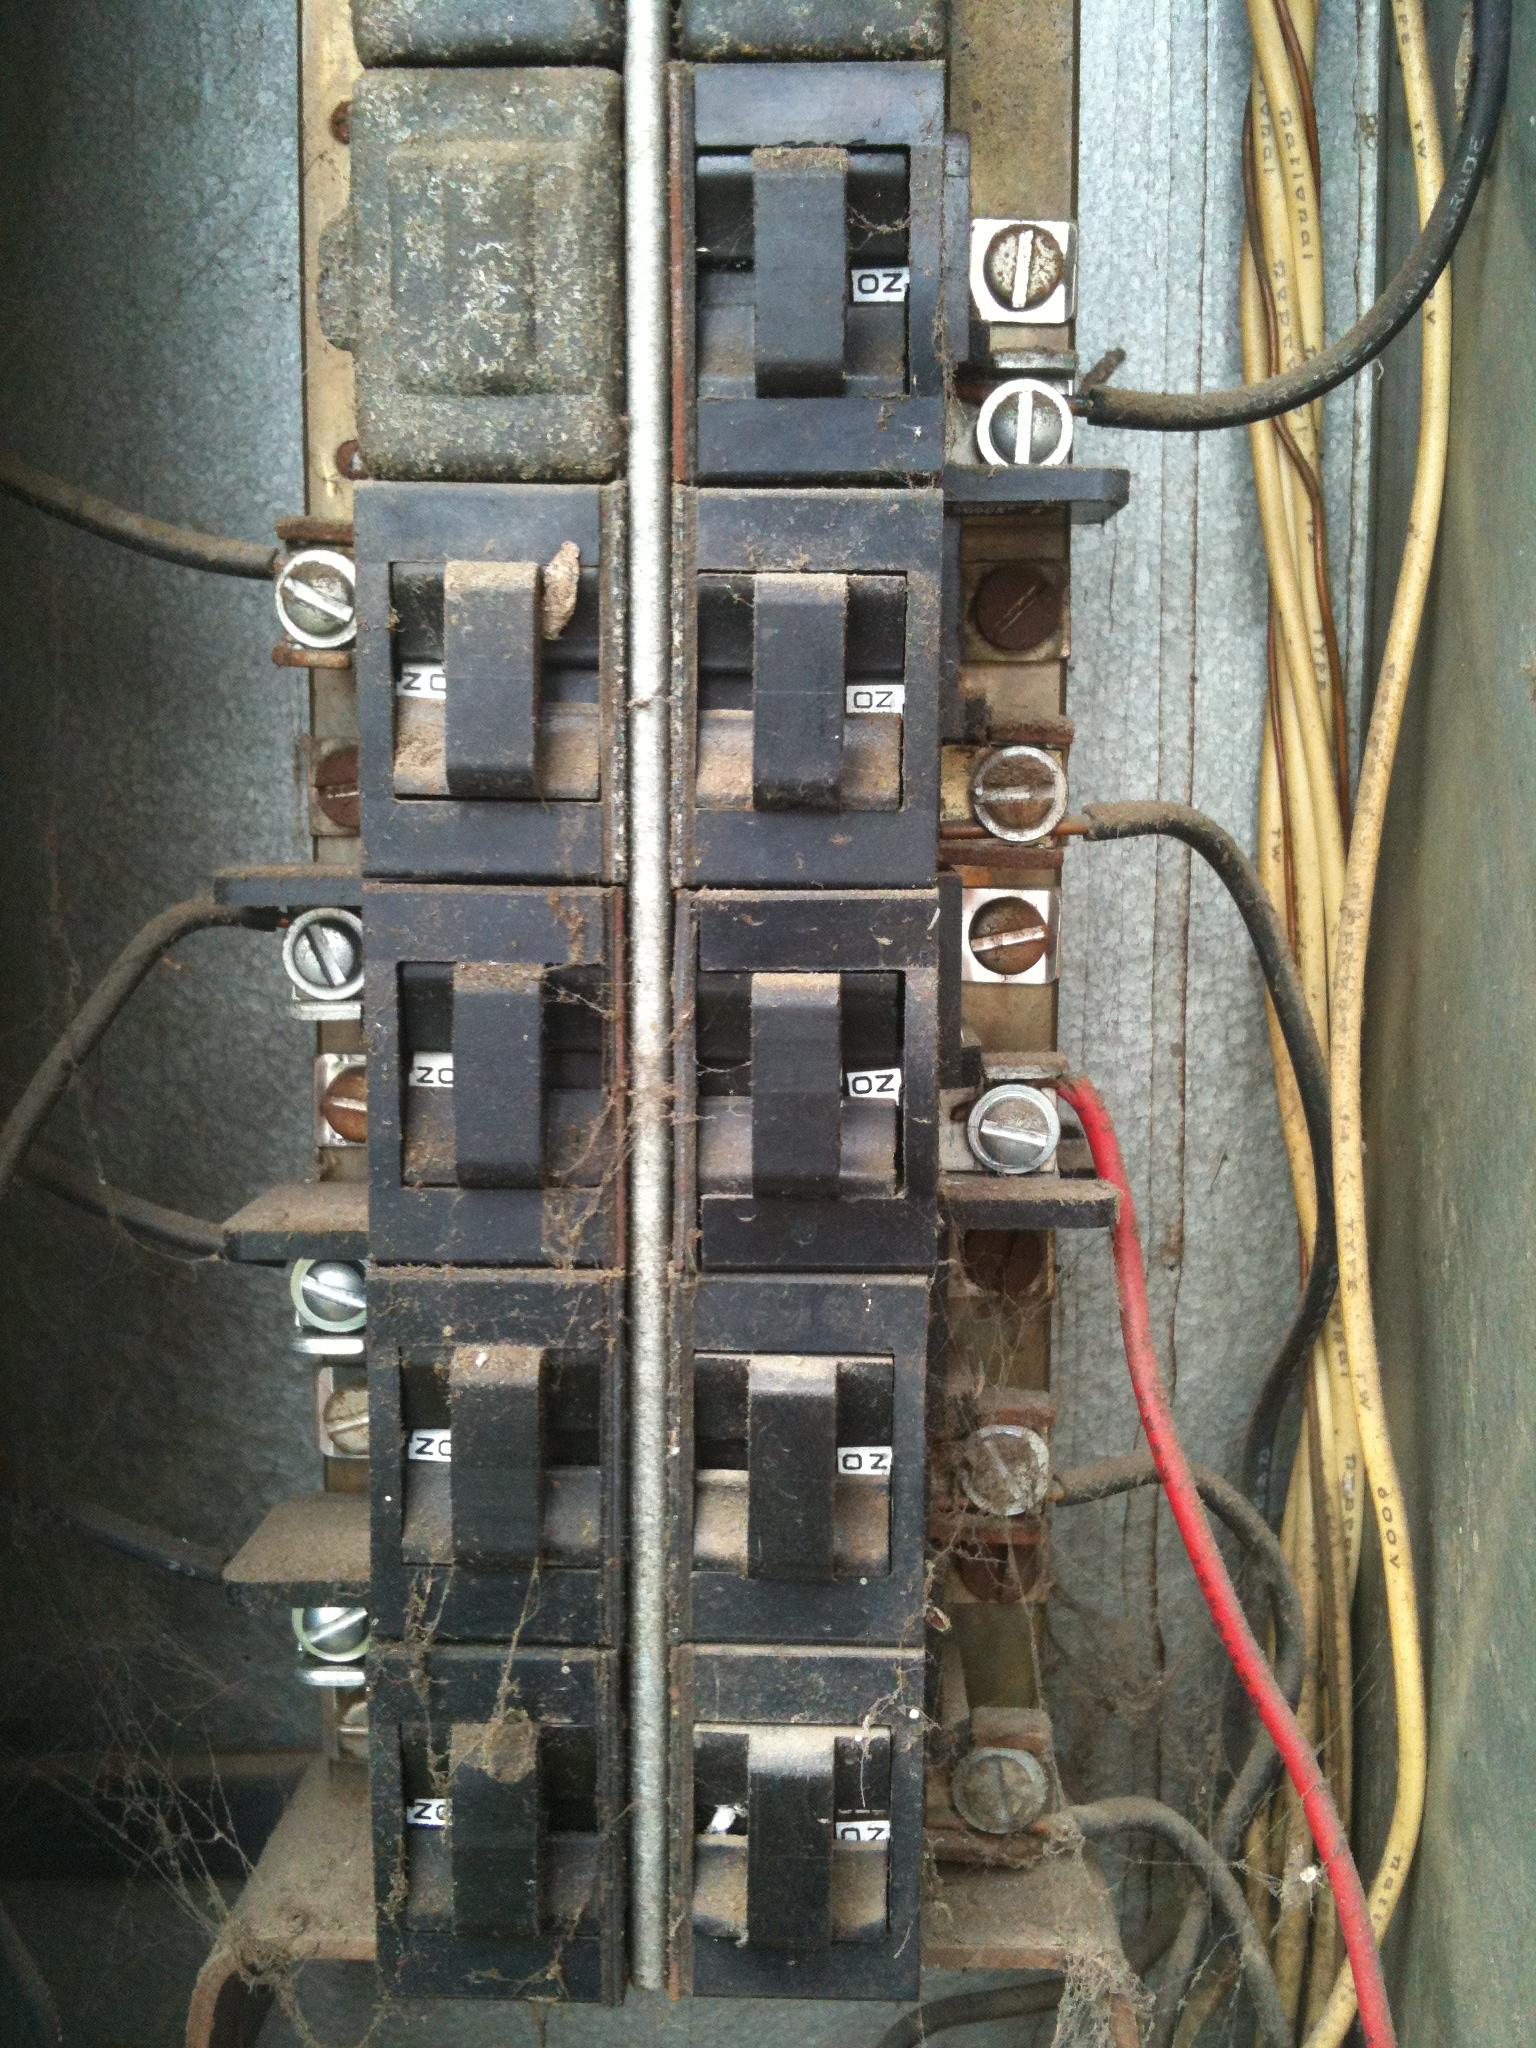 Old Panel and Circuit Breaker Repair/Replace